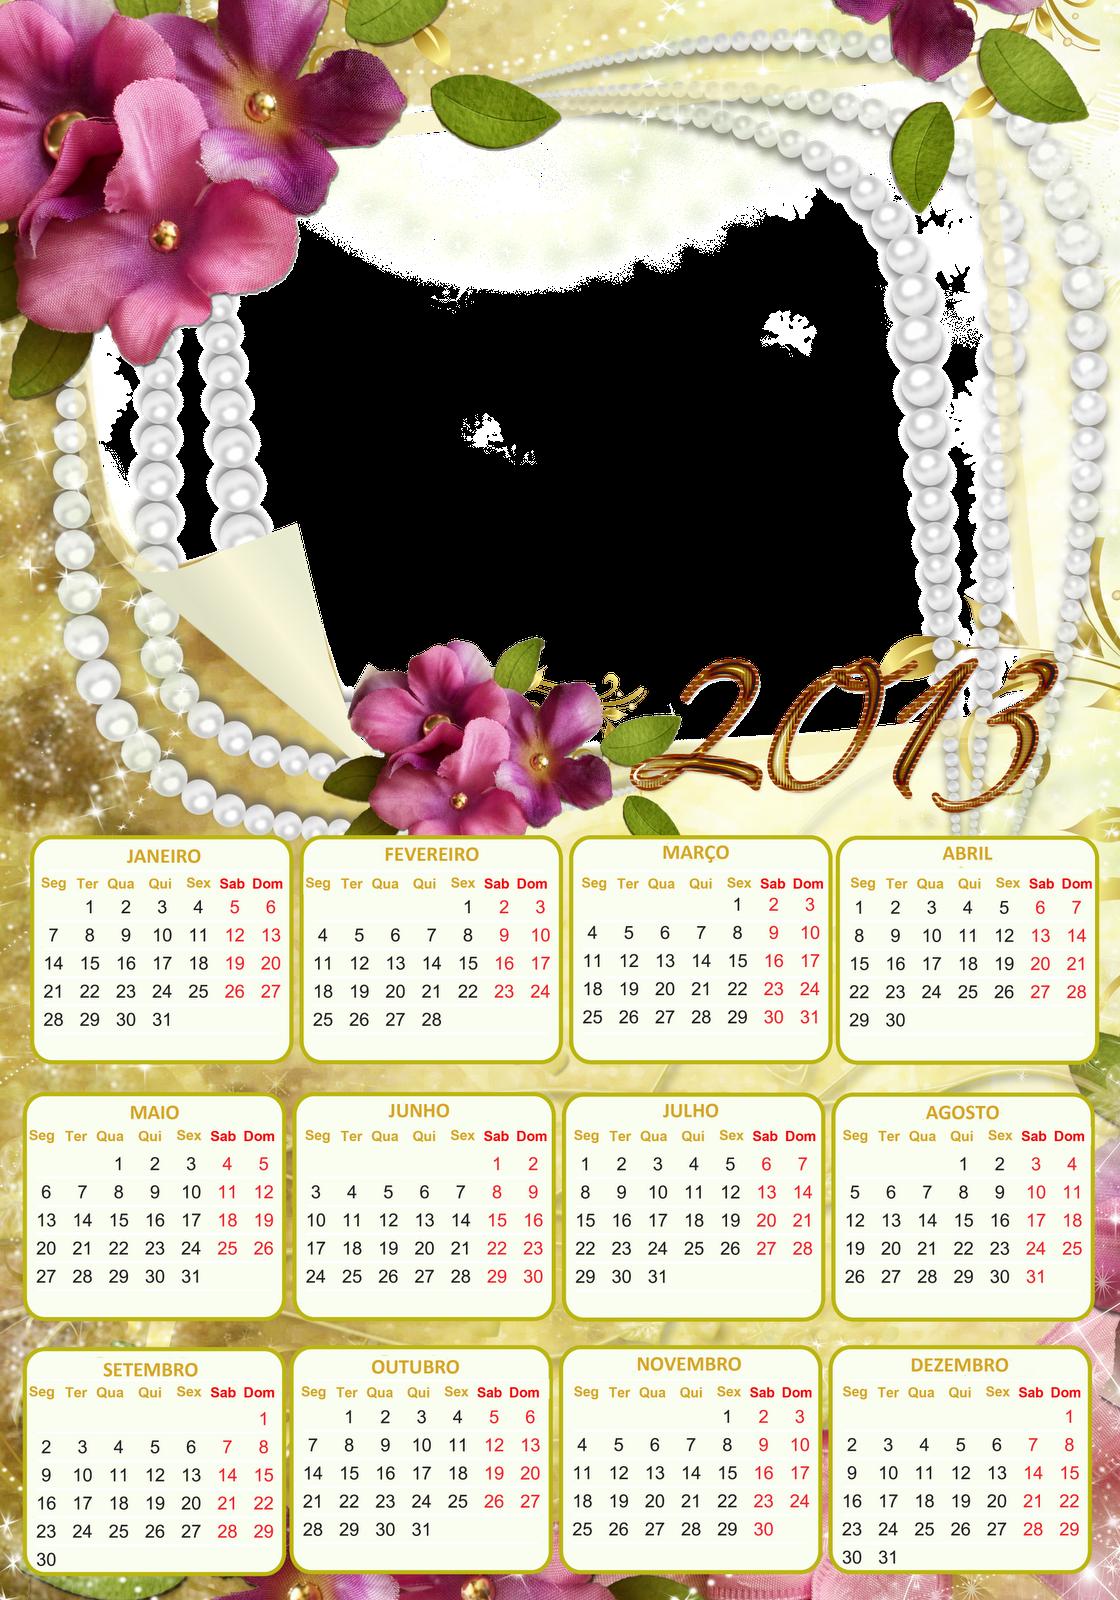 Imagenes De Calendarios 2013